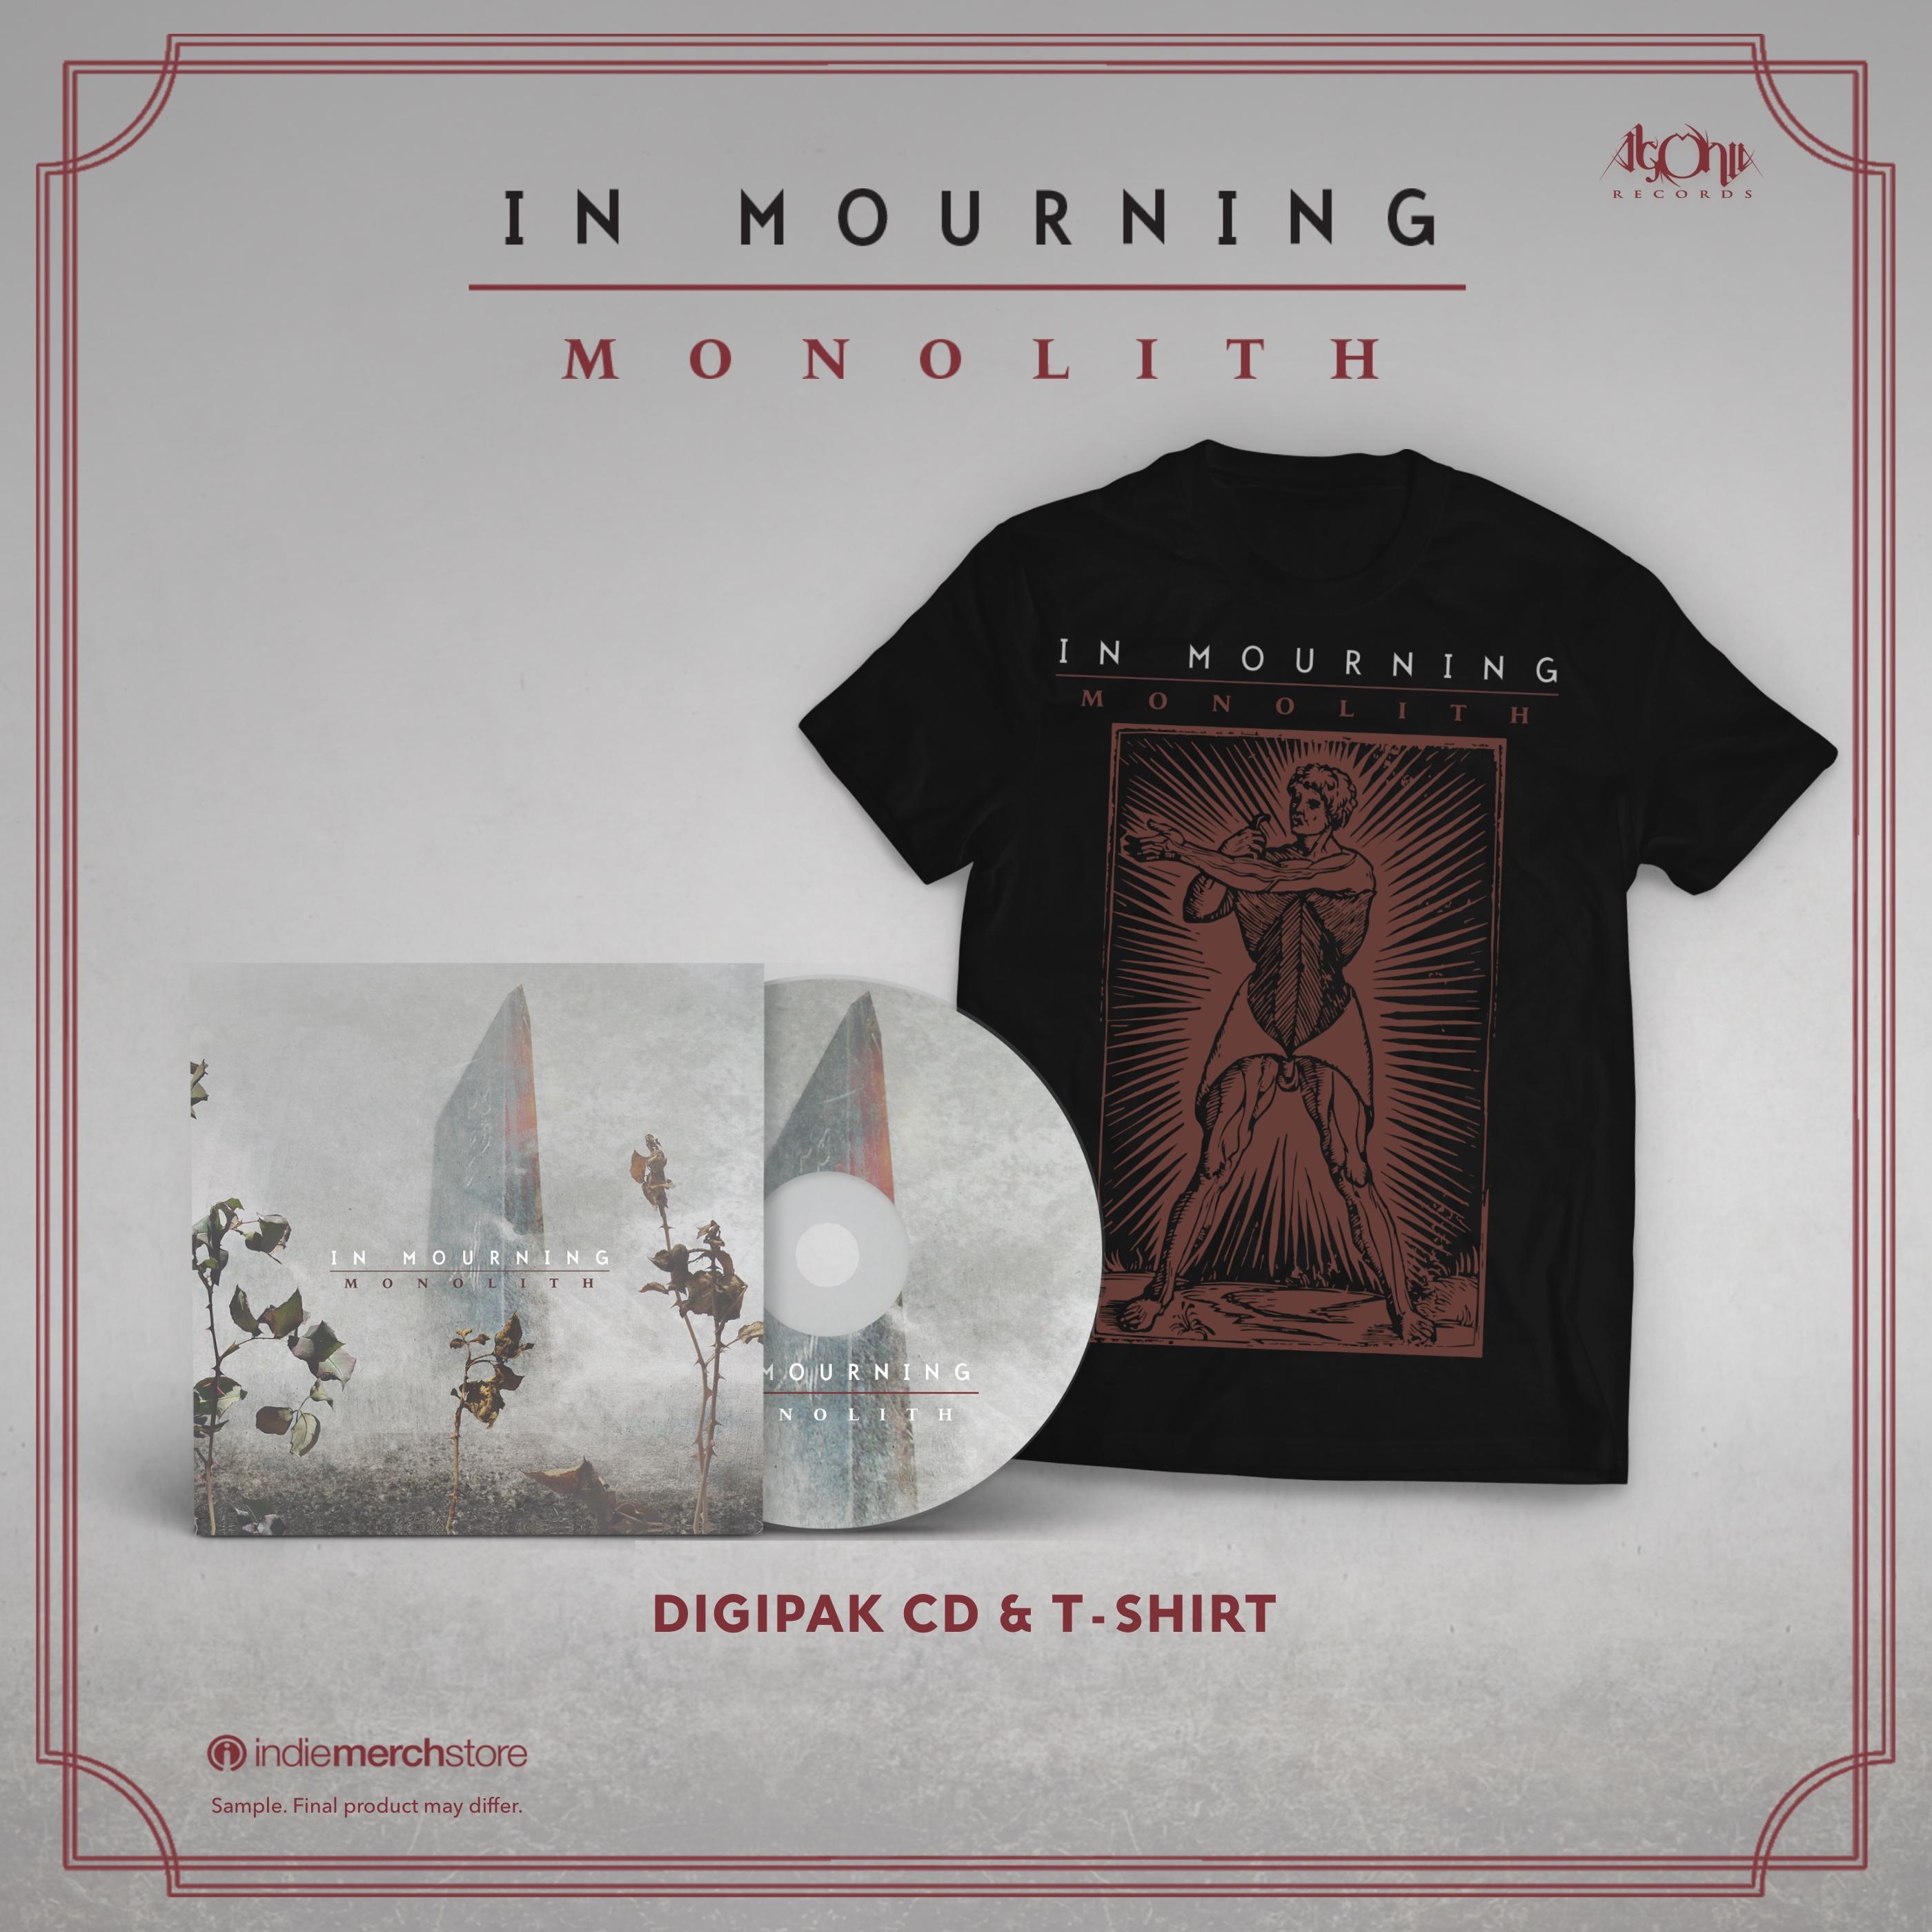 Monolith CD + Tee Bundle